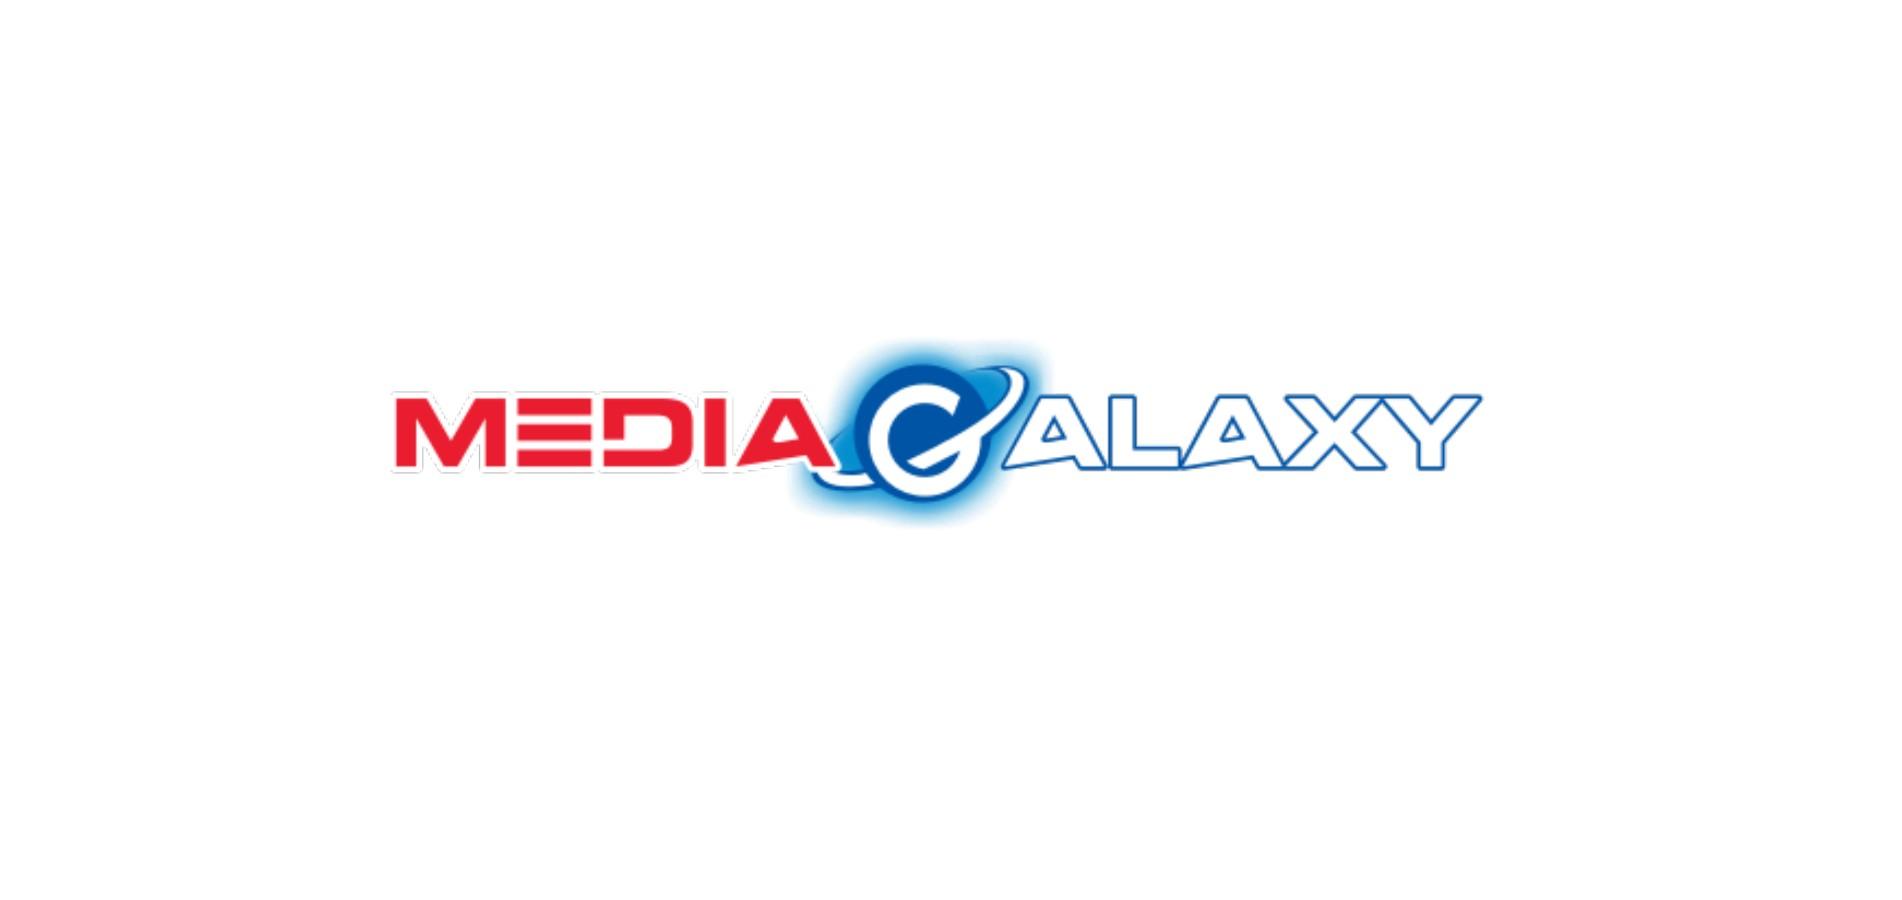 channel_1508744840mediagalaxy_2.jpg